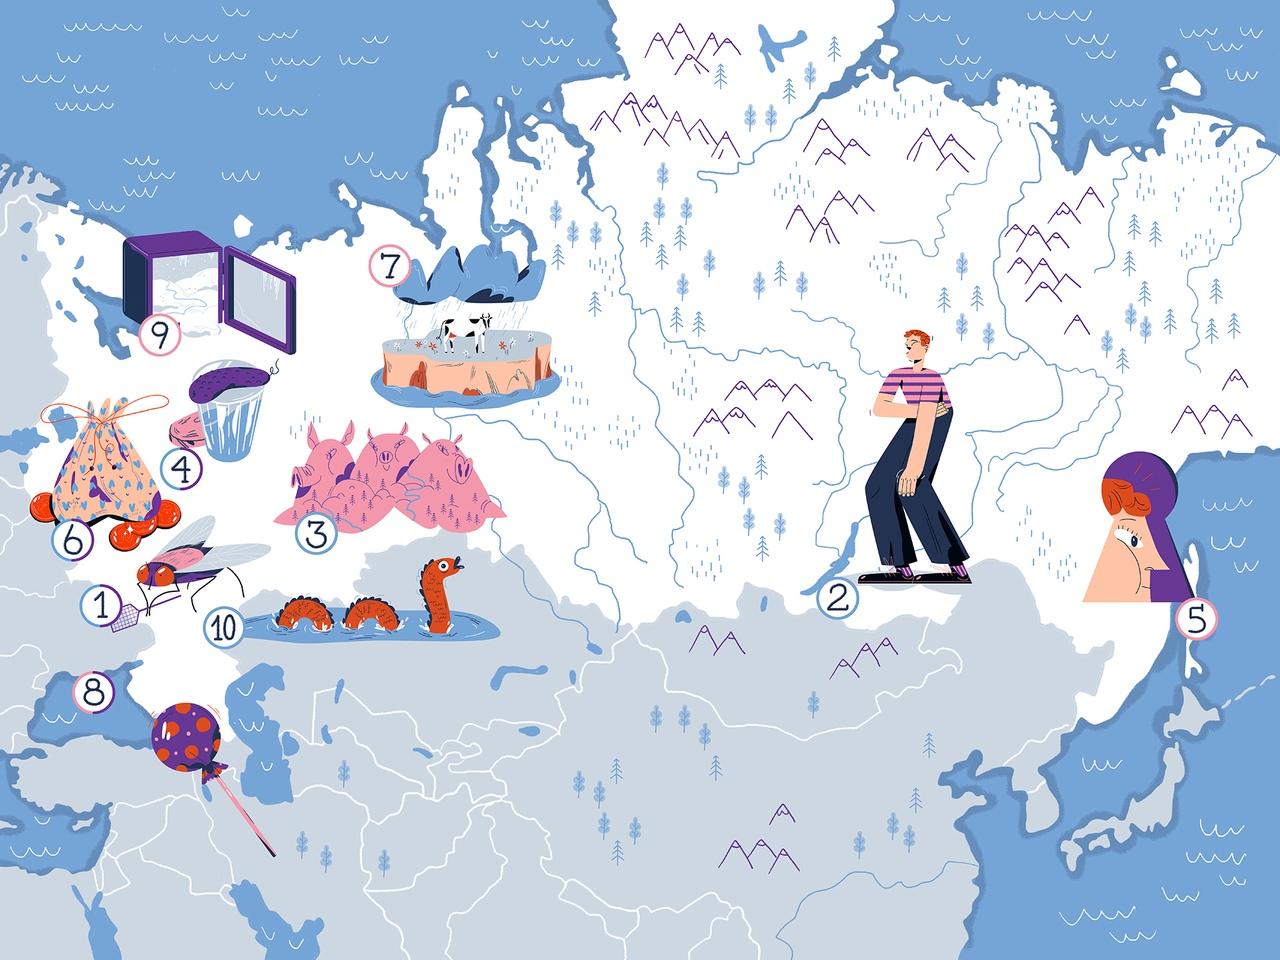 Бухалово в финале: село Ярославской области борется за титул населенного пункта с самым веселым названием